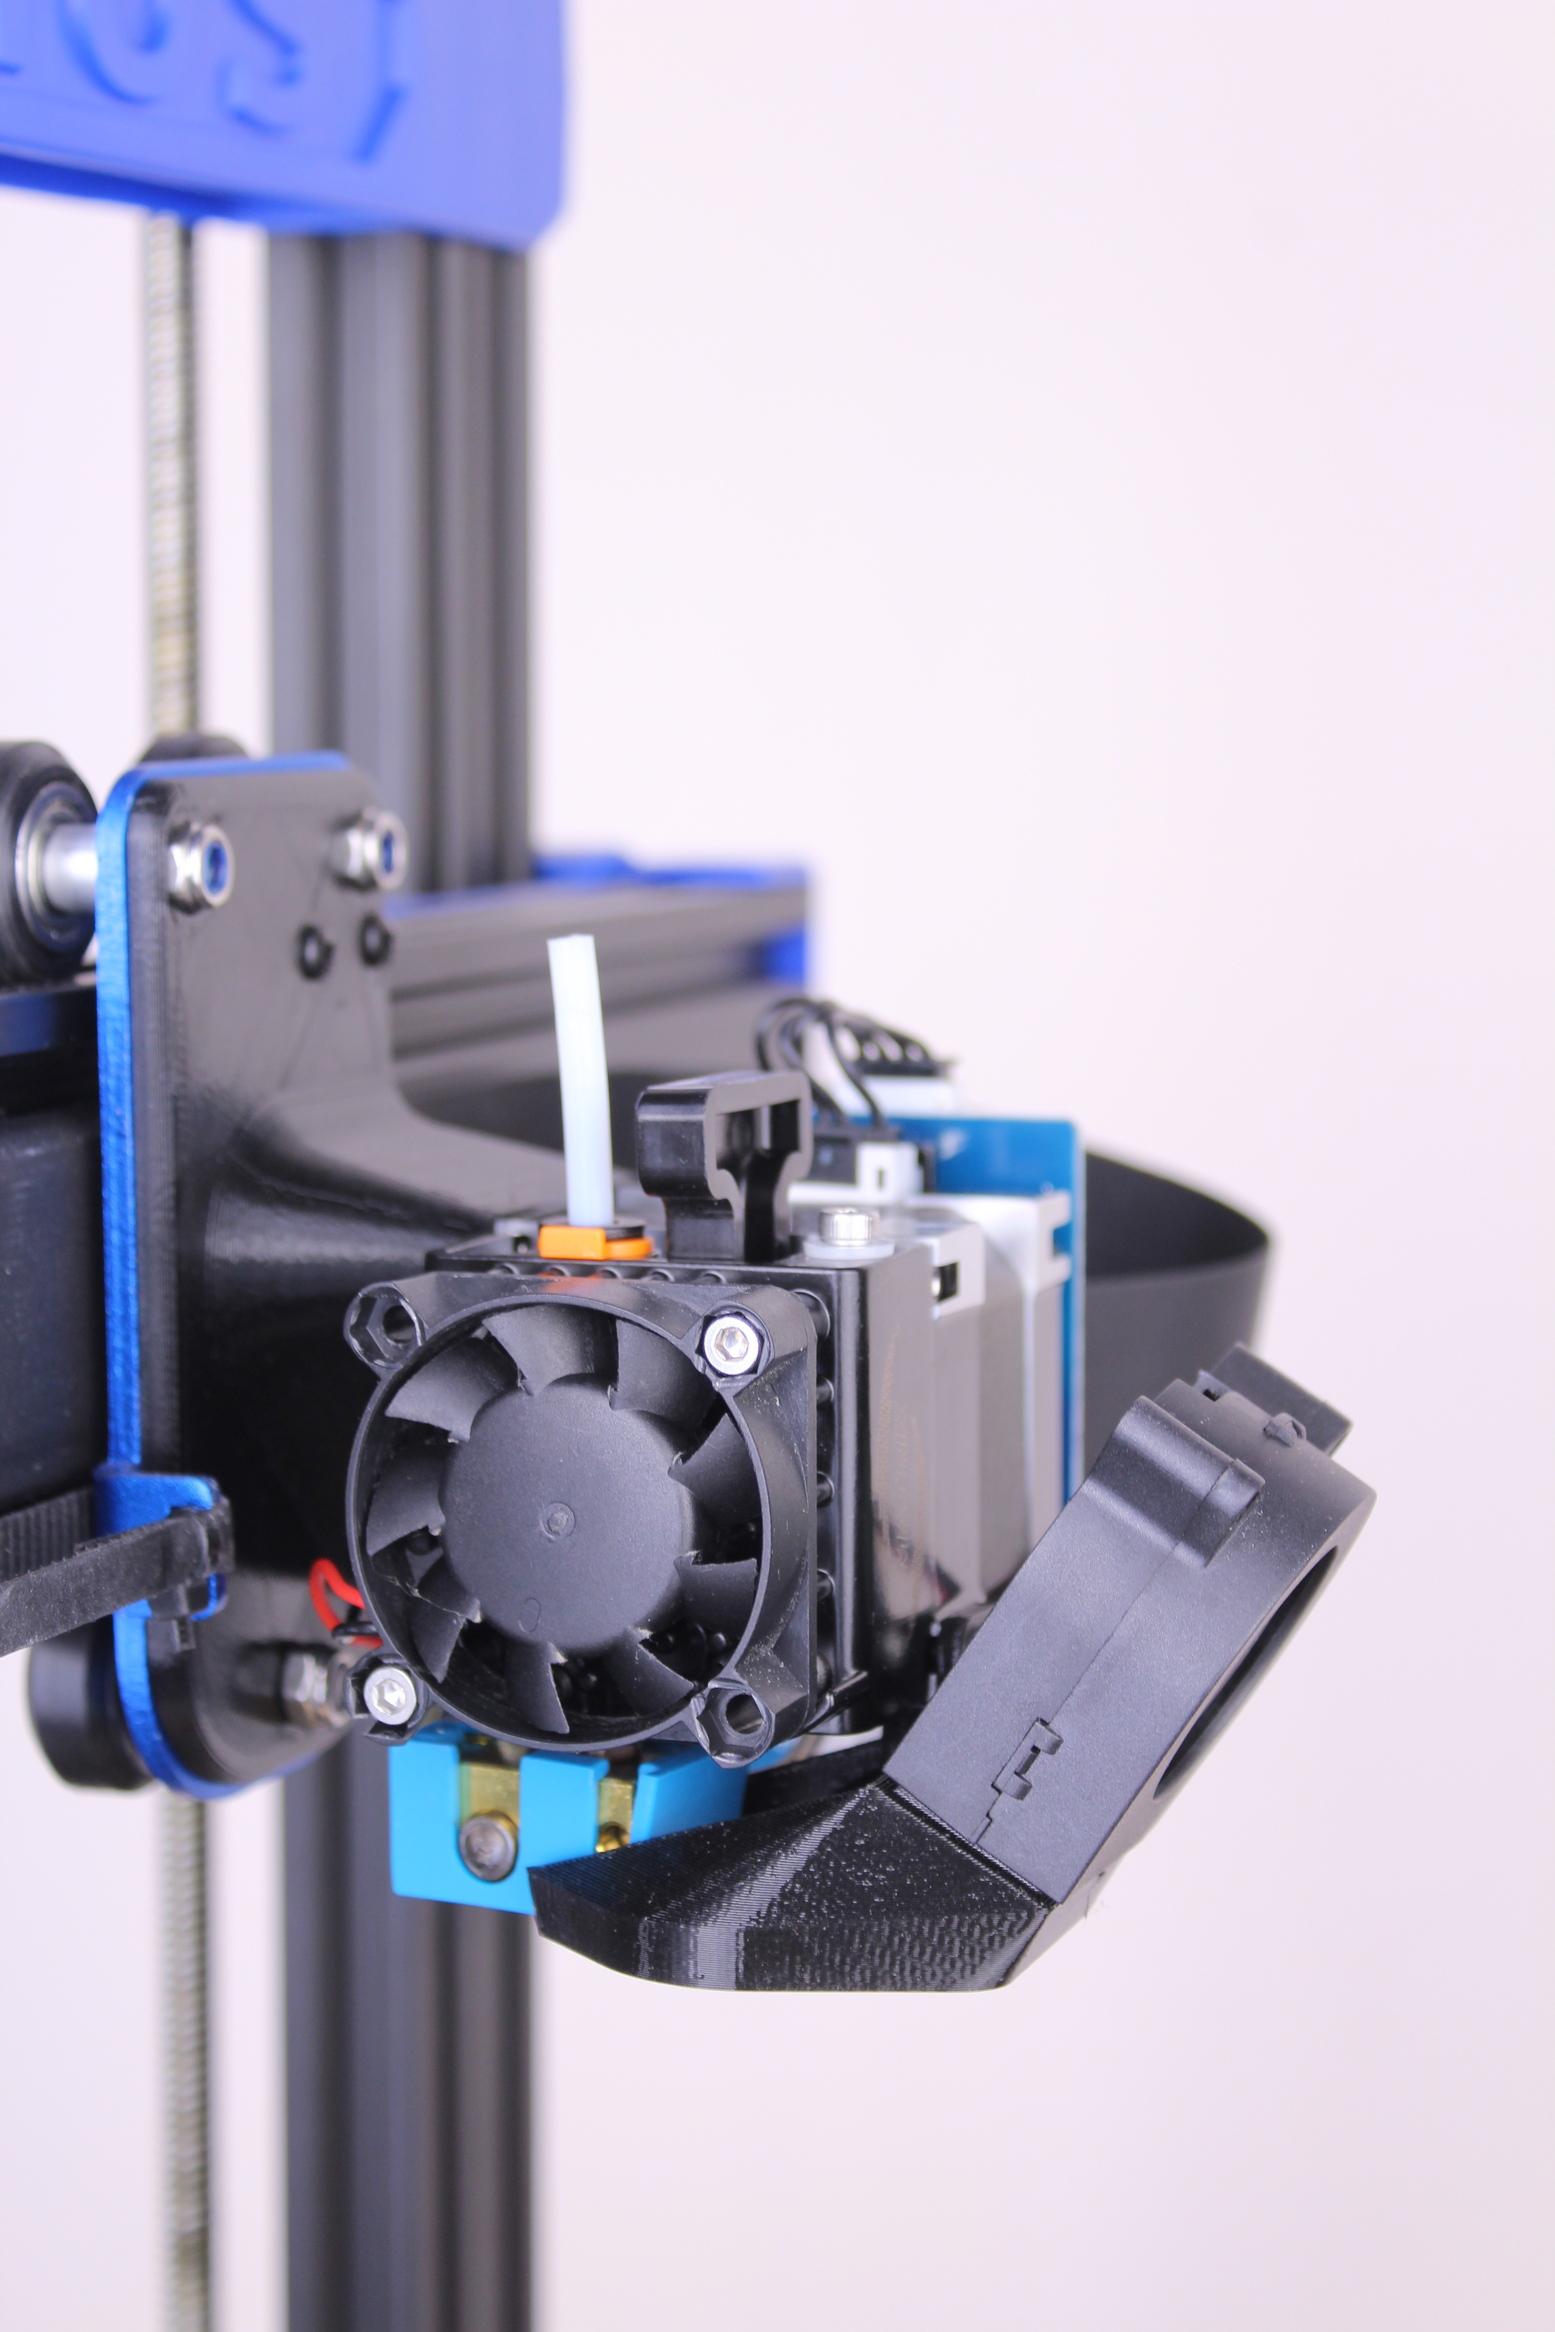 Trianglelab-Matrix-Extruder-installed-on-Artillery-Genius-2